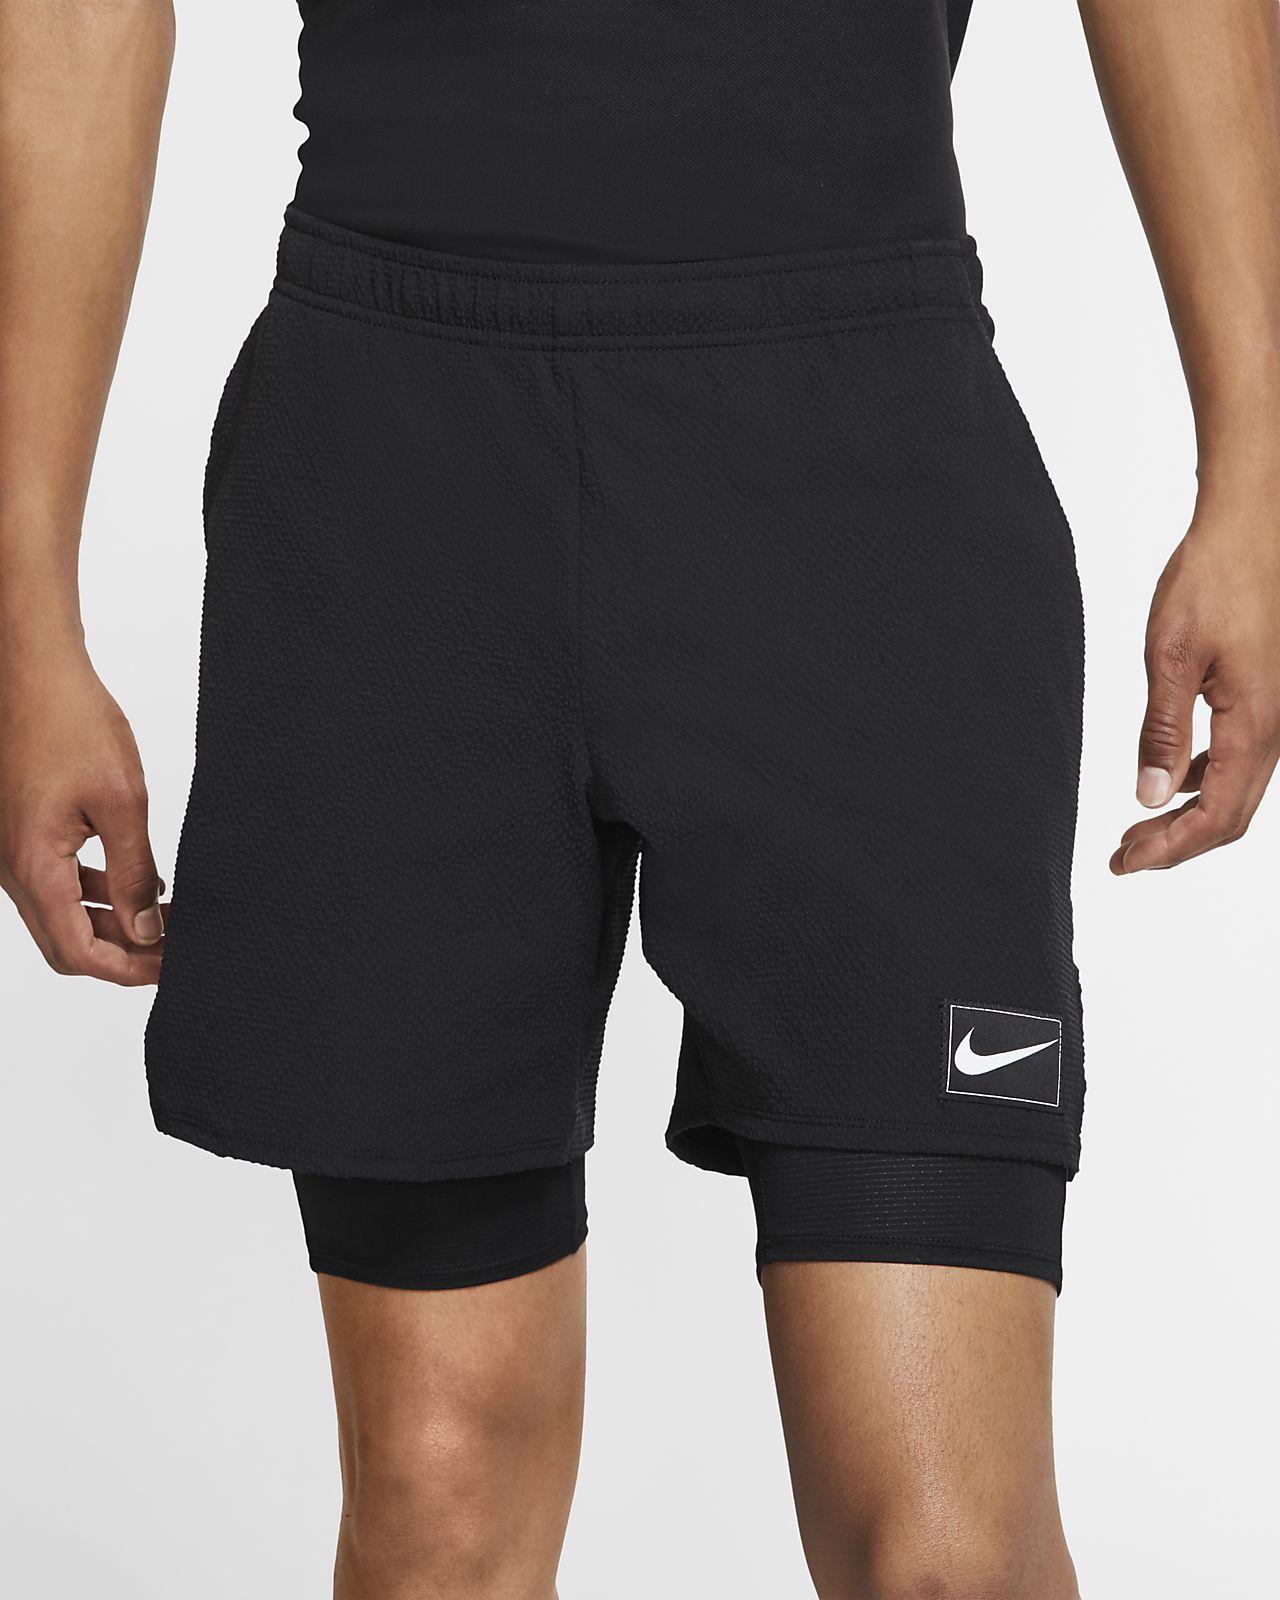 NikeCourt Ace Men's Tennis Shorts